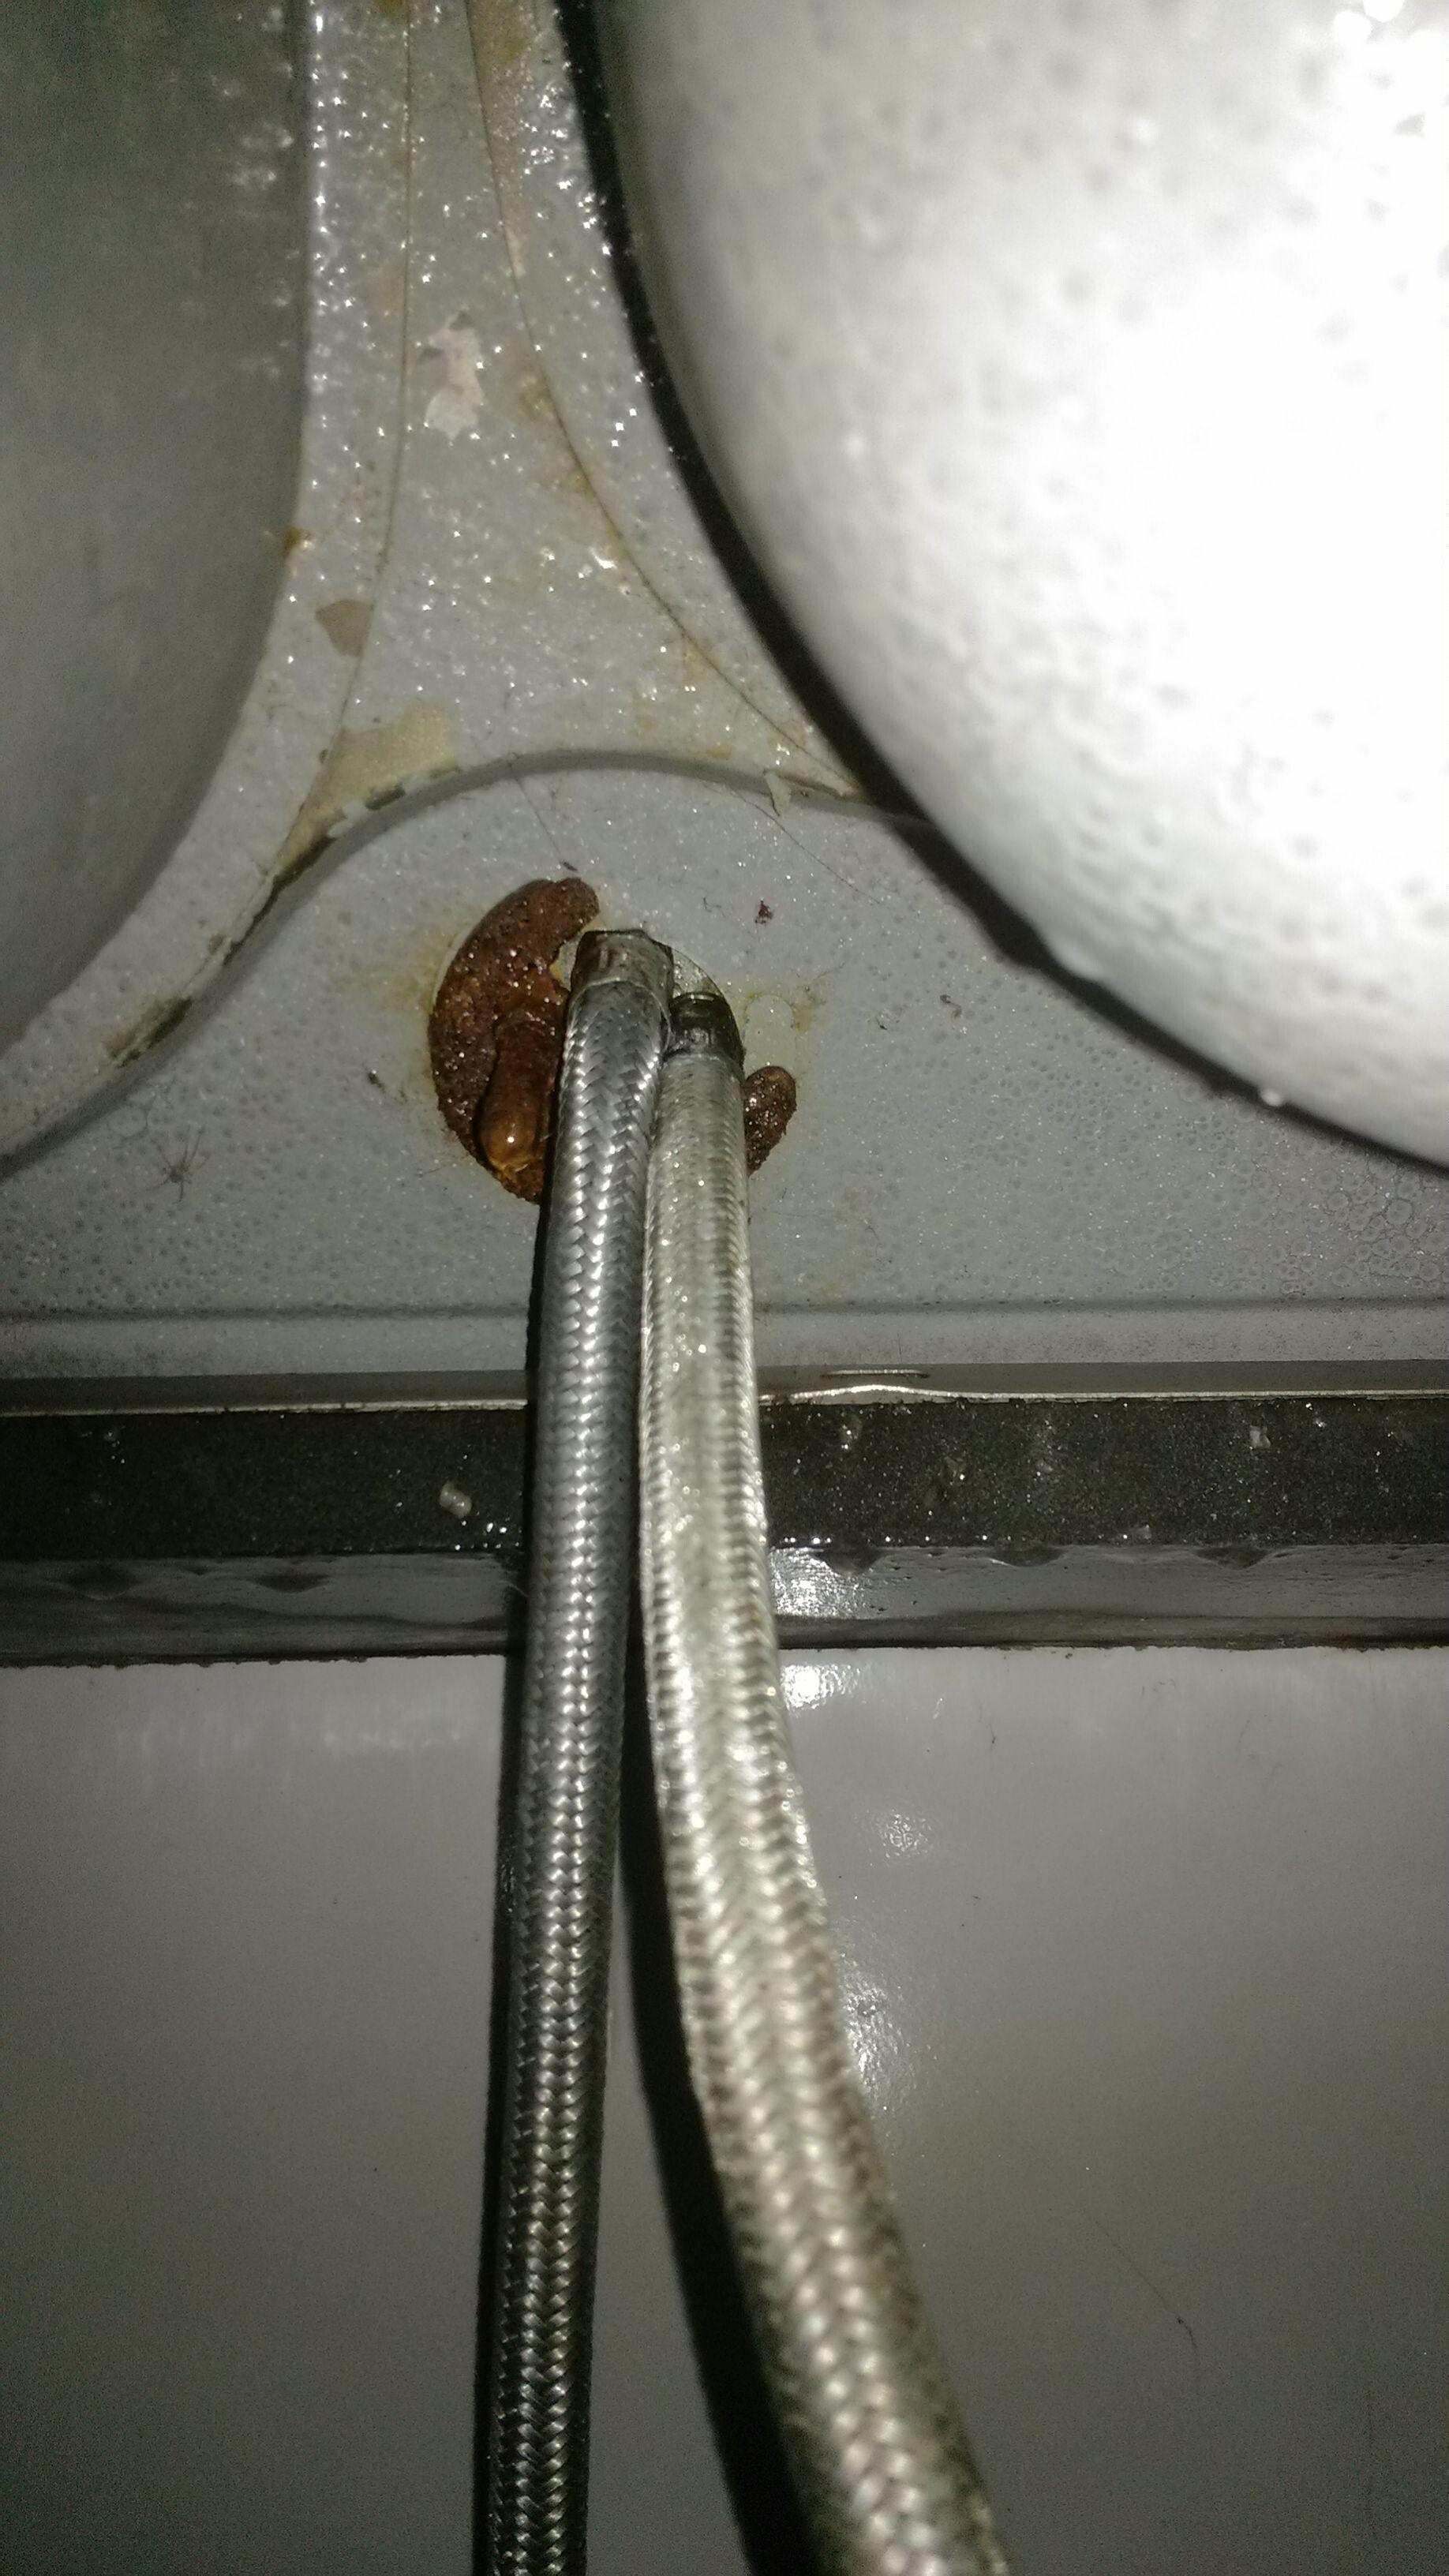 手打玻璃的图片_厨房的水池水龙头底下漏水,该怎么修啊?_百度知道